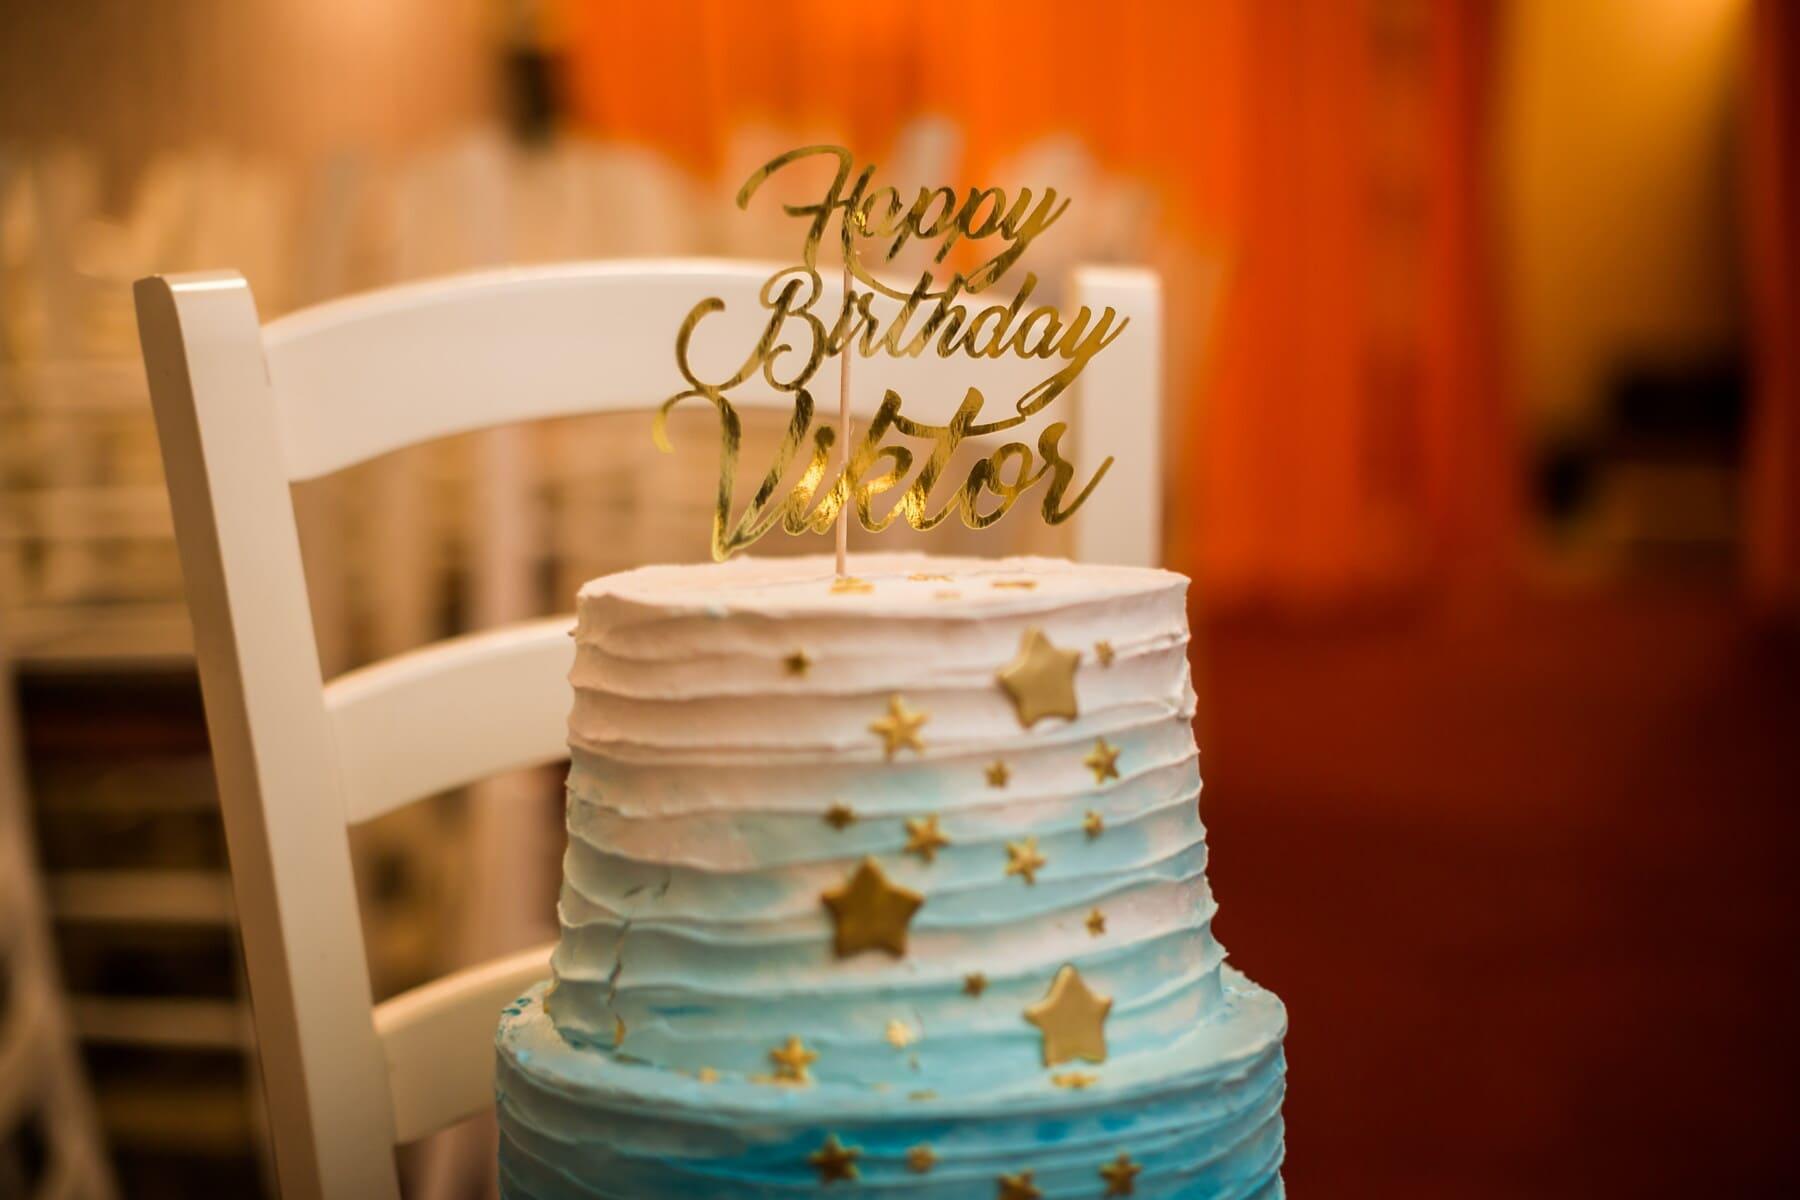 heureux, anniversaire, gâteau d'anniversaire, lueur dorée, décoration, crème, élégant, chocolat, cuisson au four, délicieux